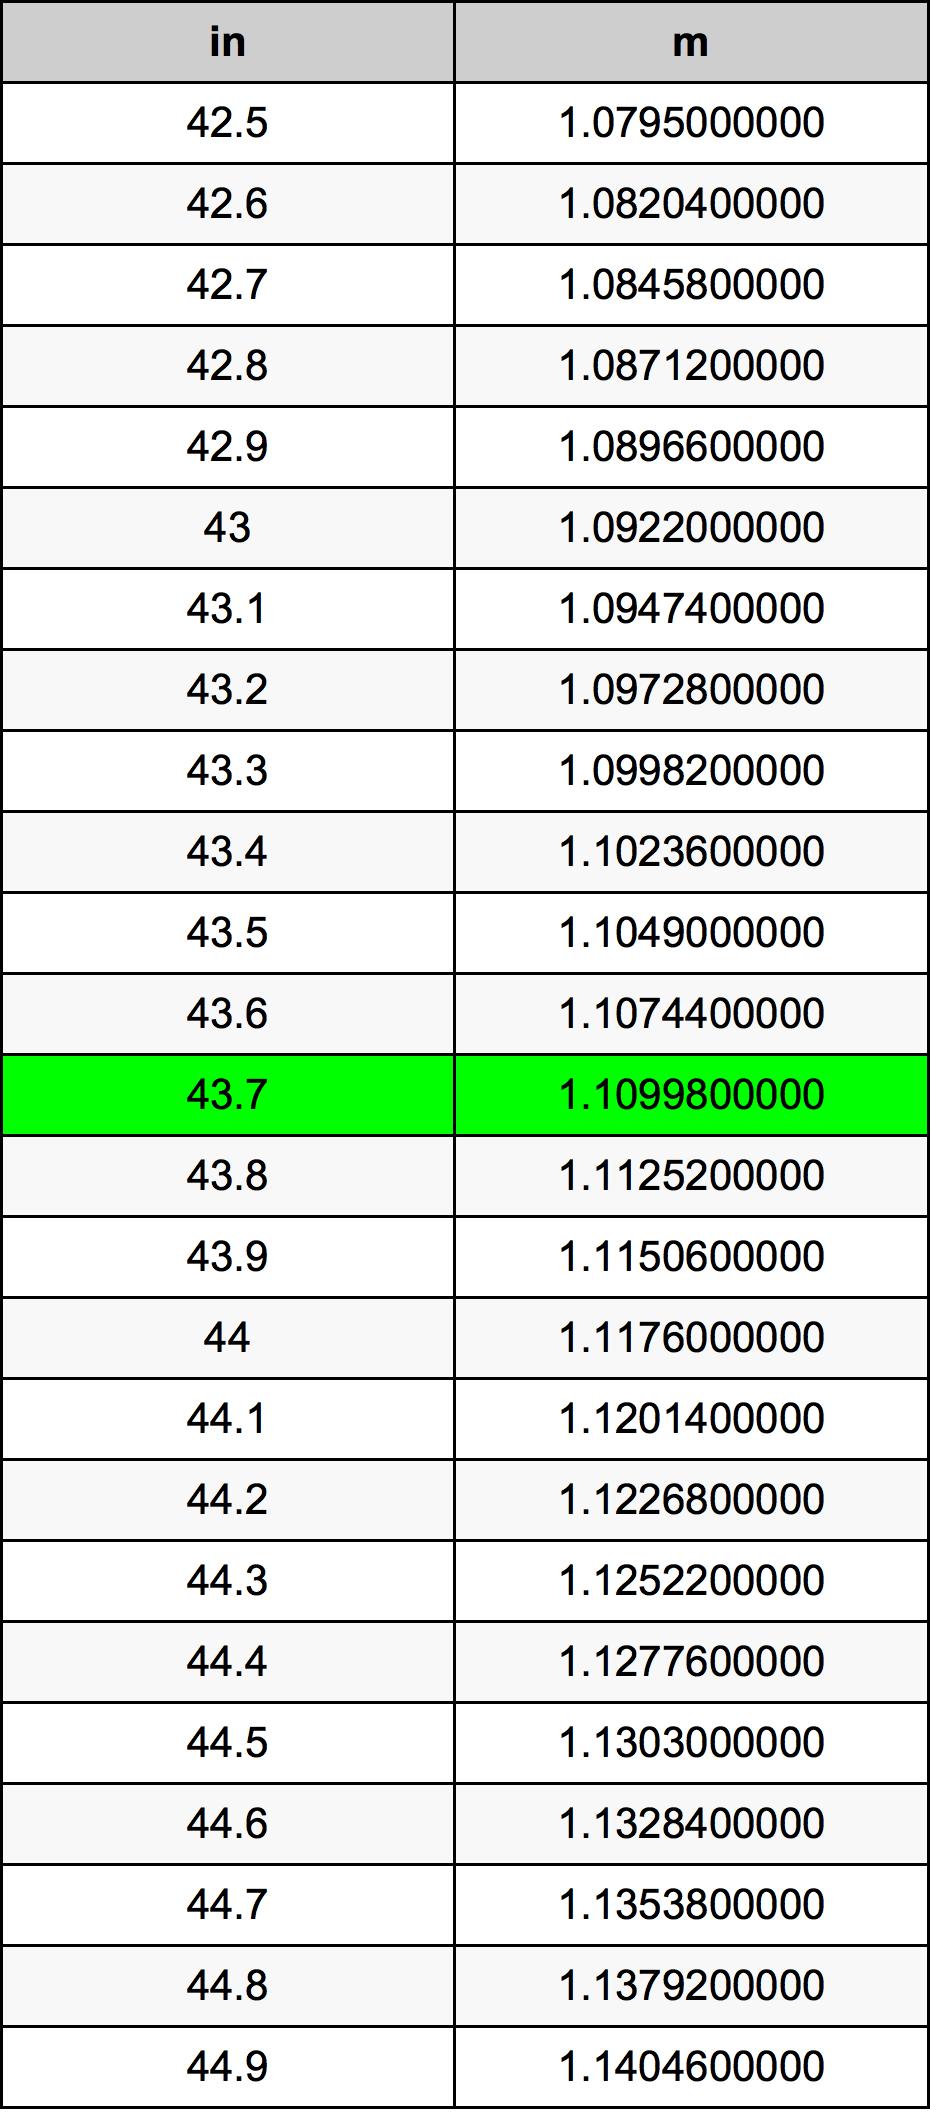 43.7 Inch conversietabel